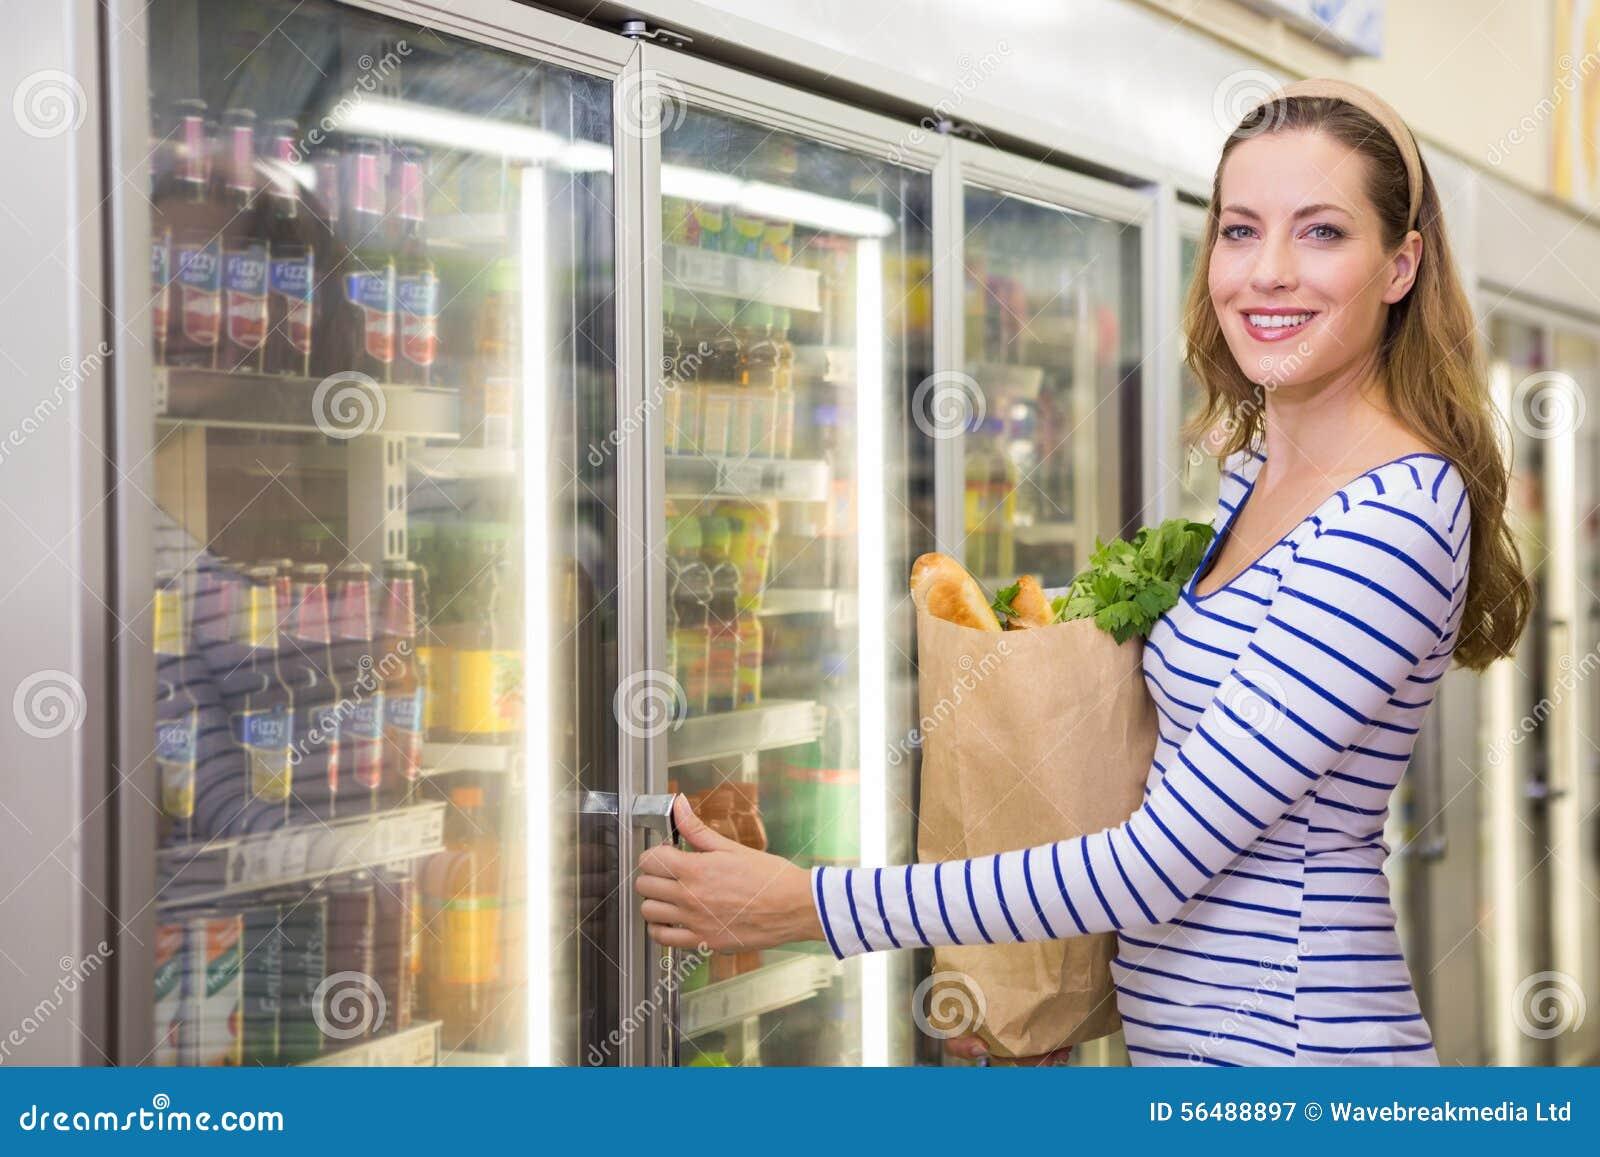 Jolie femme prenant le produit sur le réfrigérateur